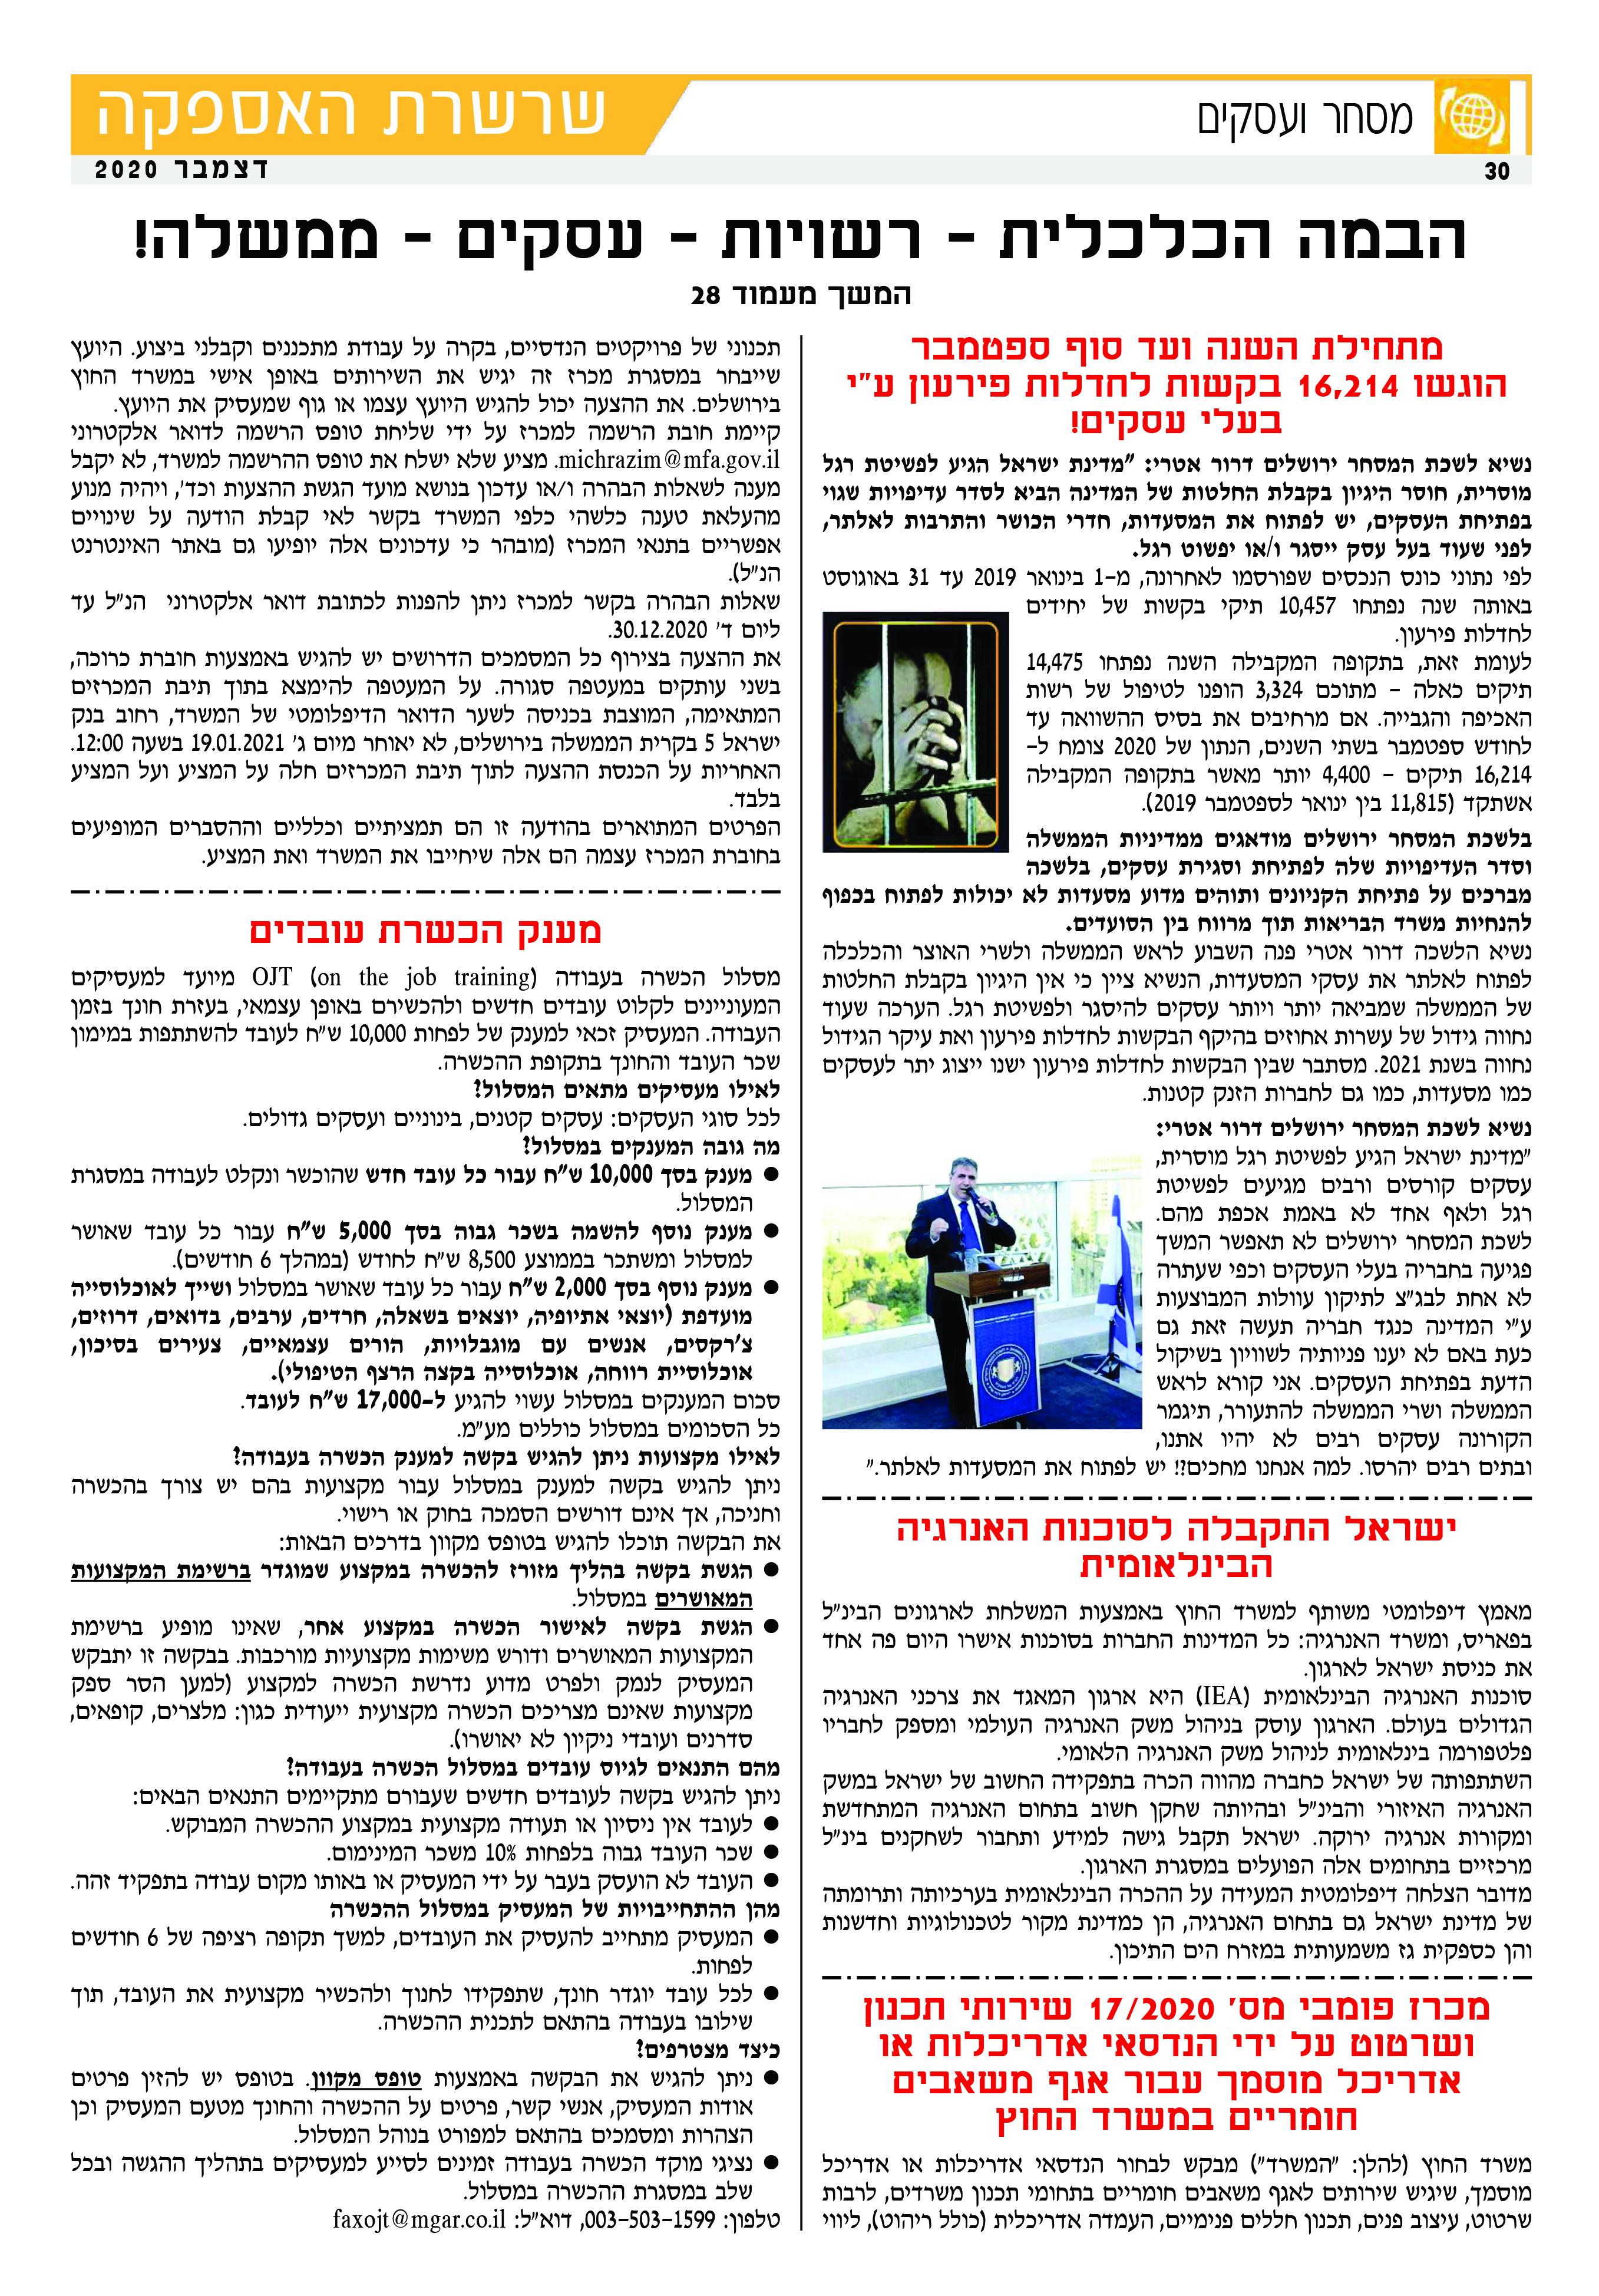 לשכת המסחר ירושלים עמוד 30 דצמבר 2020